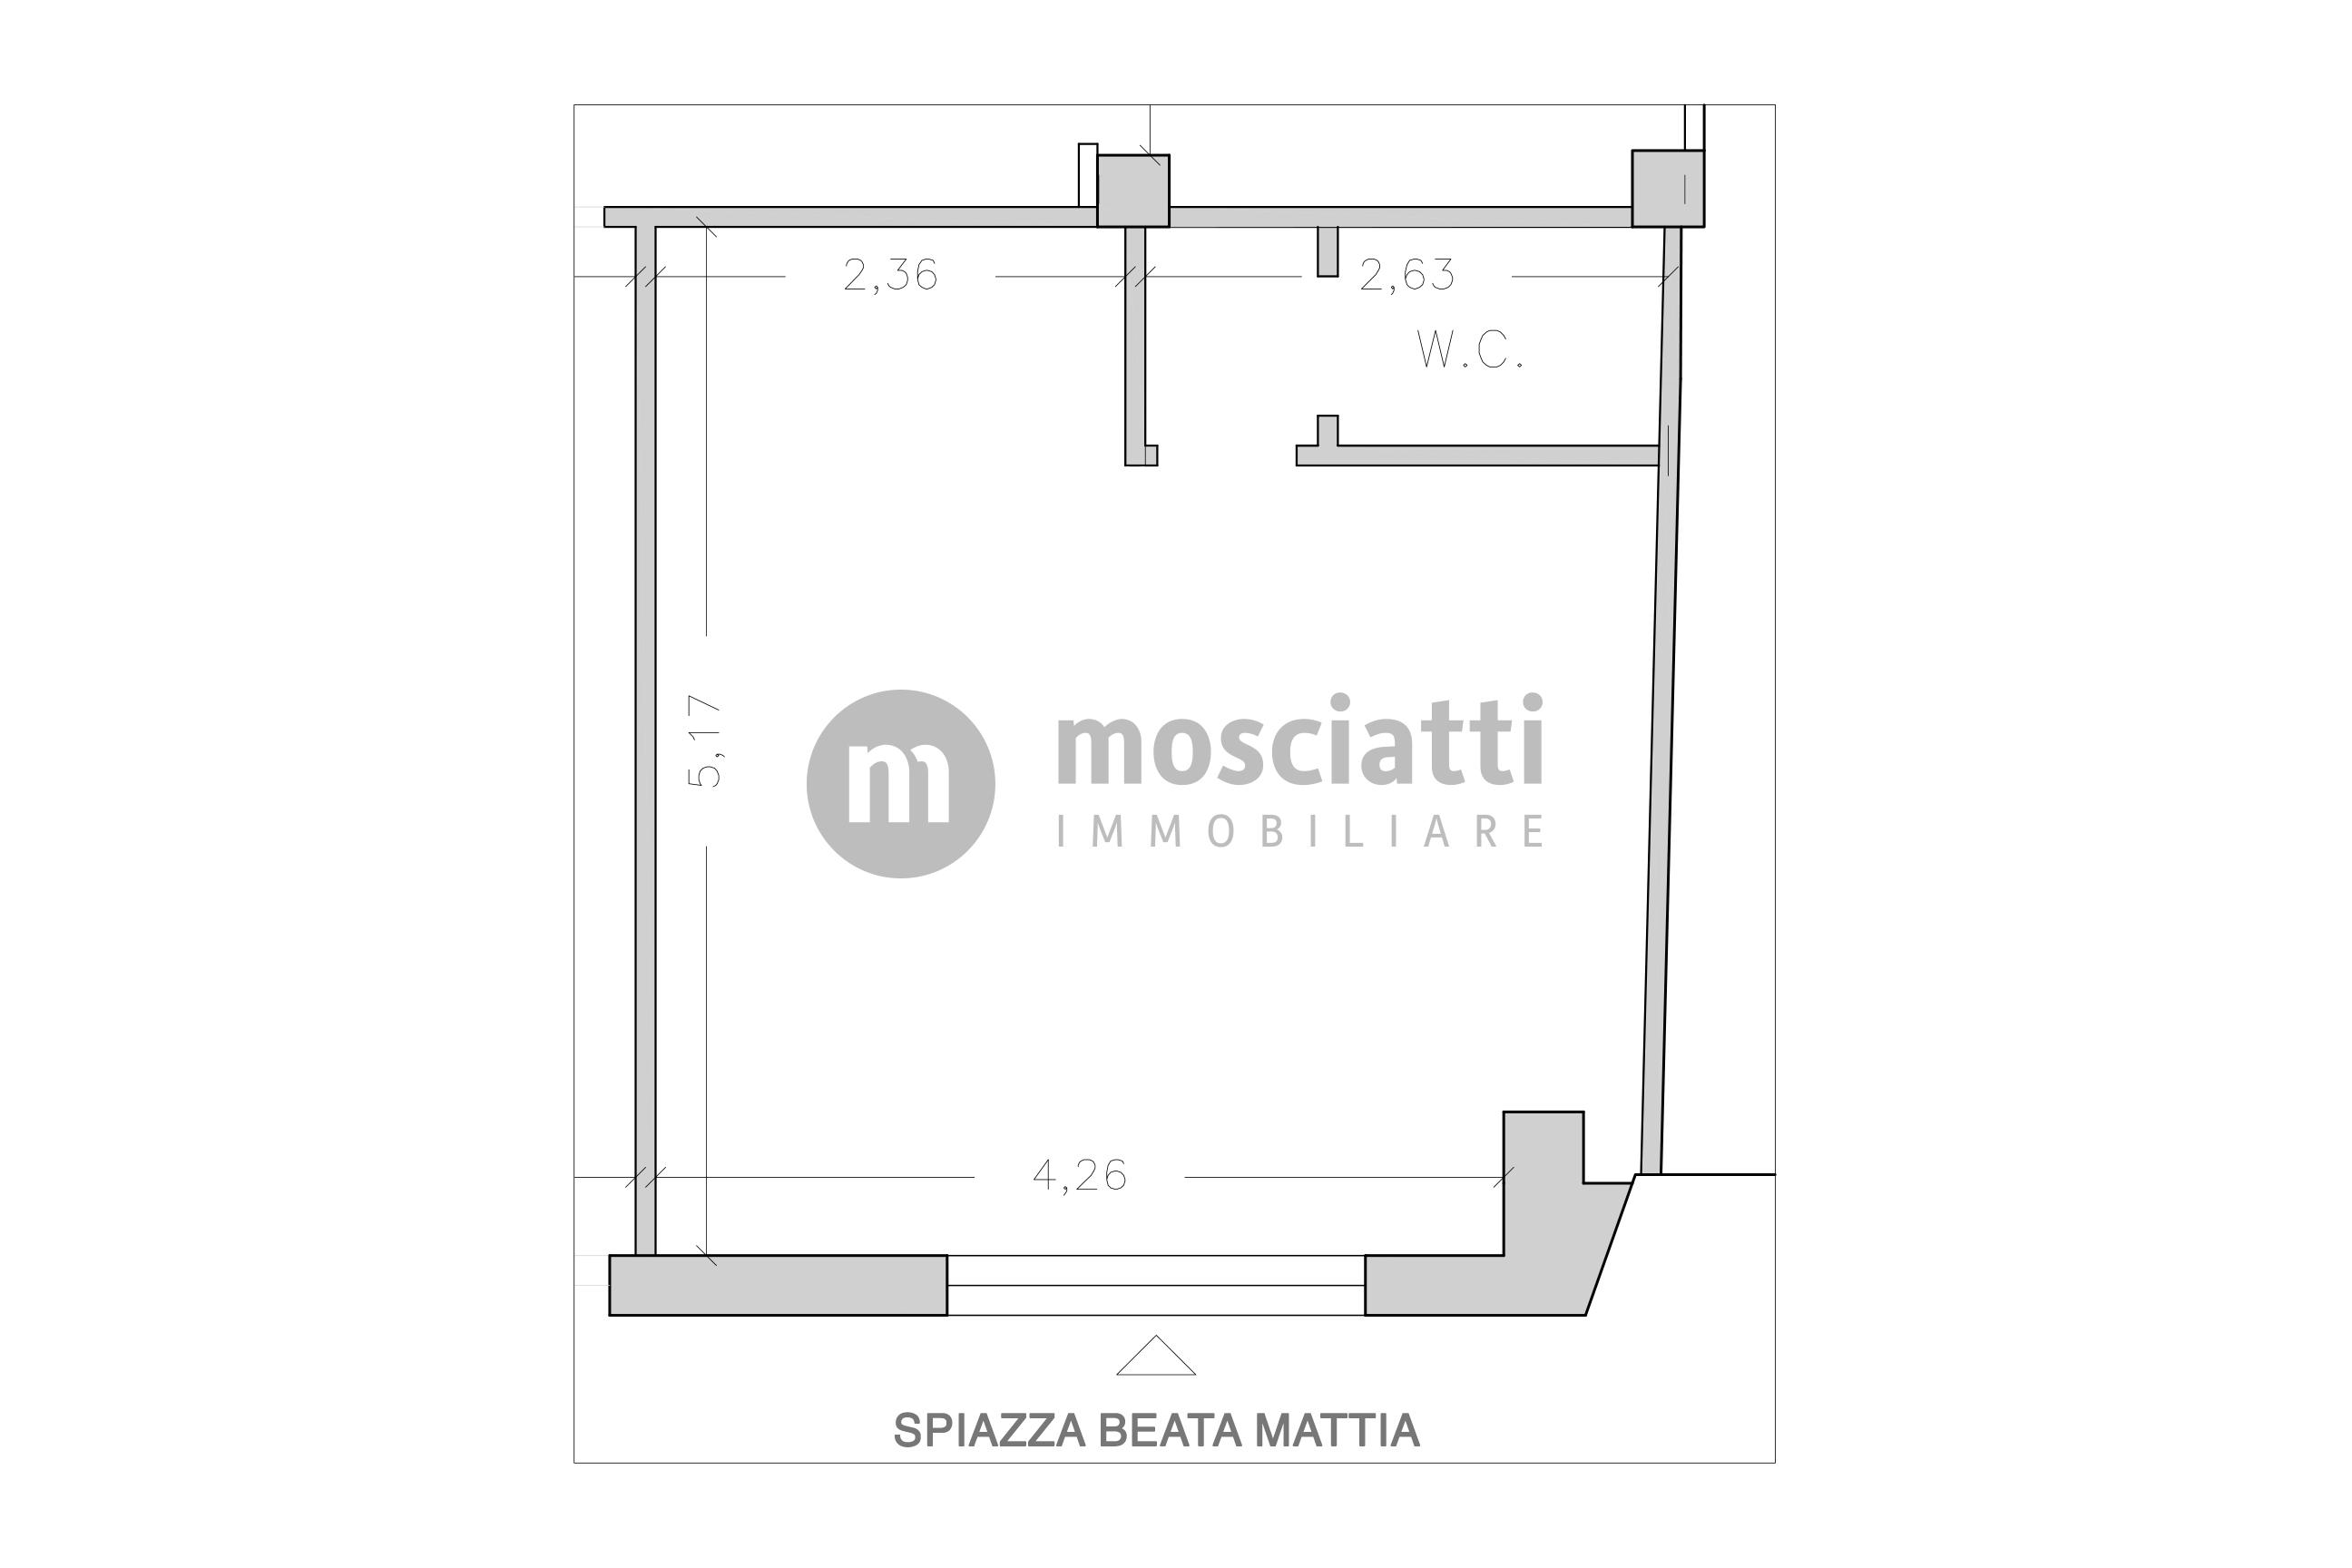 Matelica, Spiazzo Beata Mattia, affittasi locale commerciale, centro storico - 1